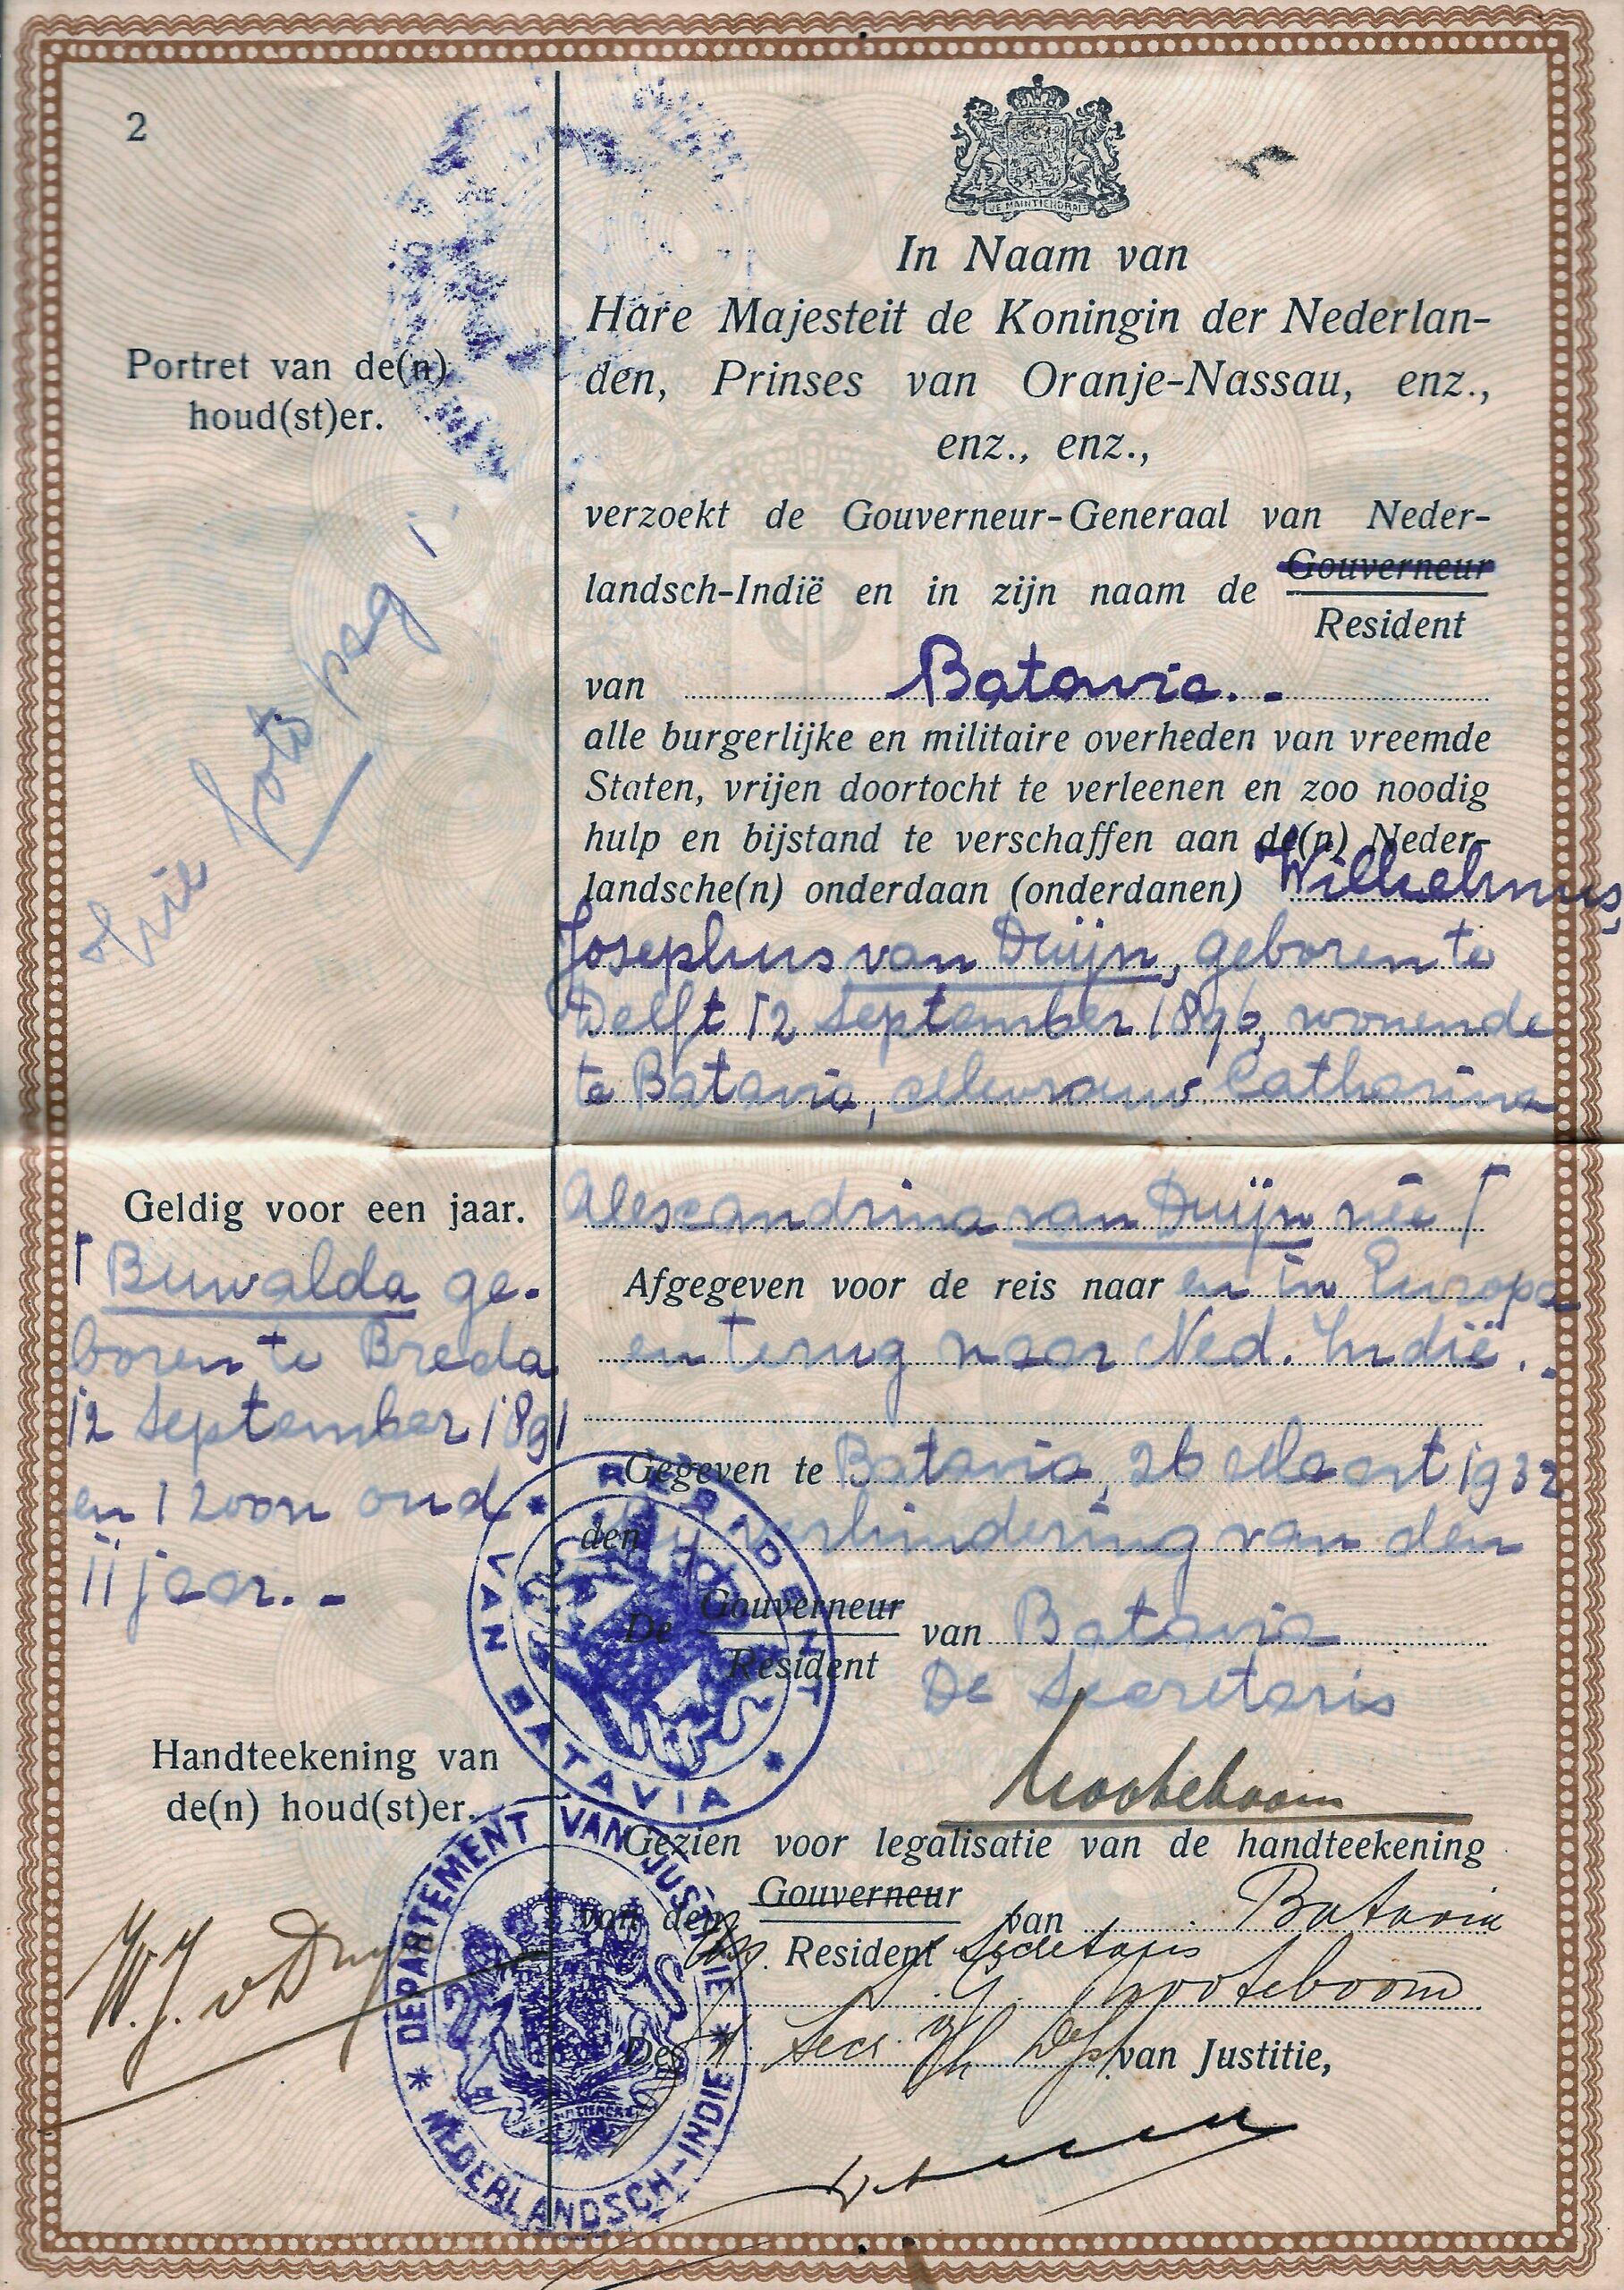 Titelblad van het paspoort van Willem van Duijn, 1932.